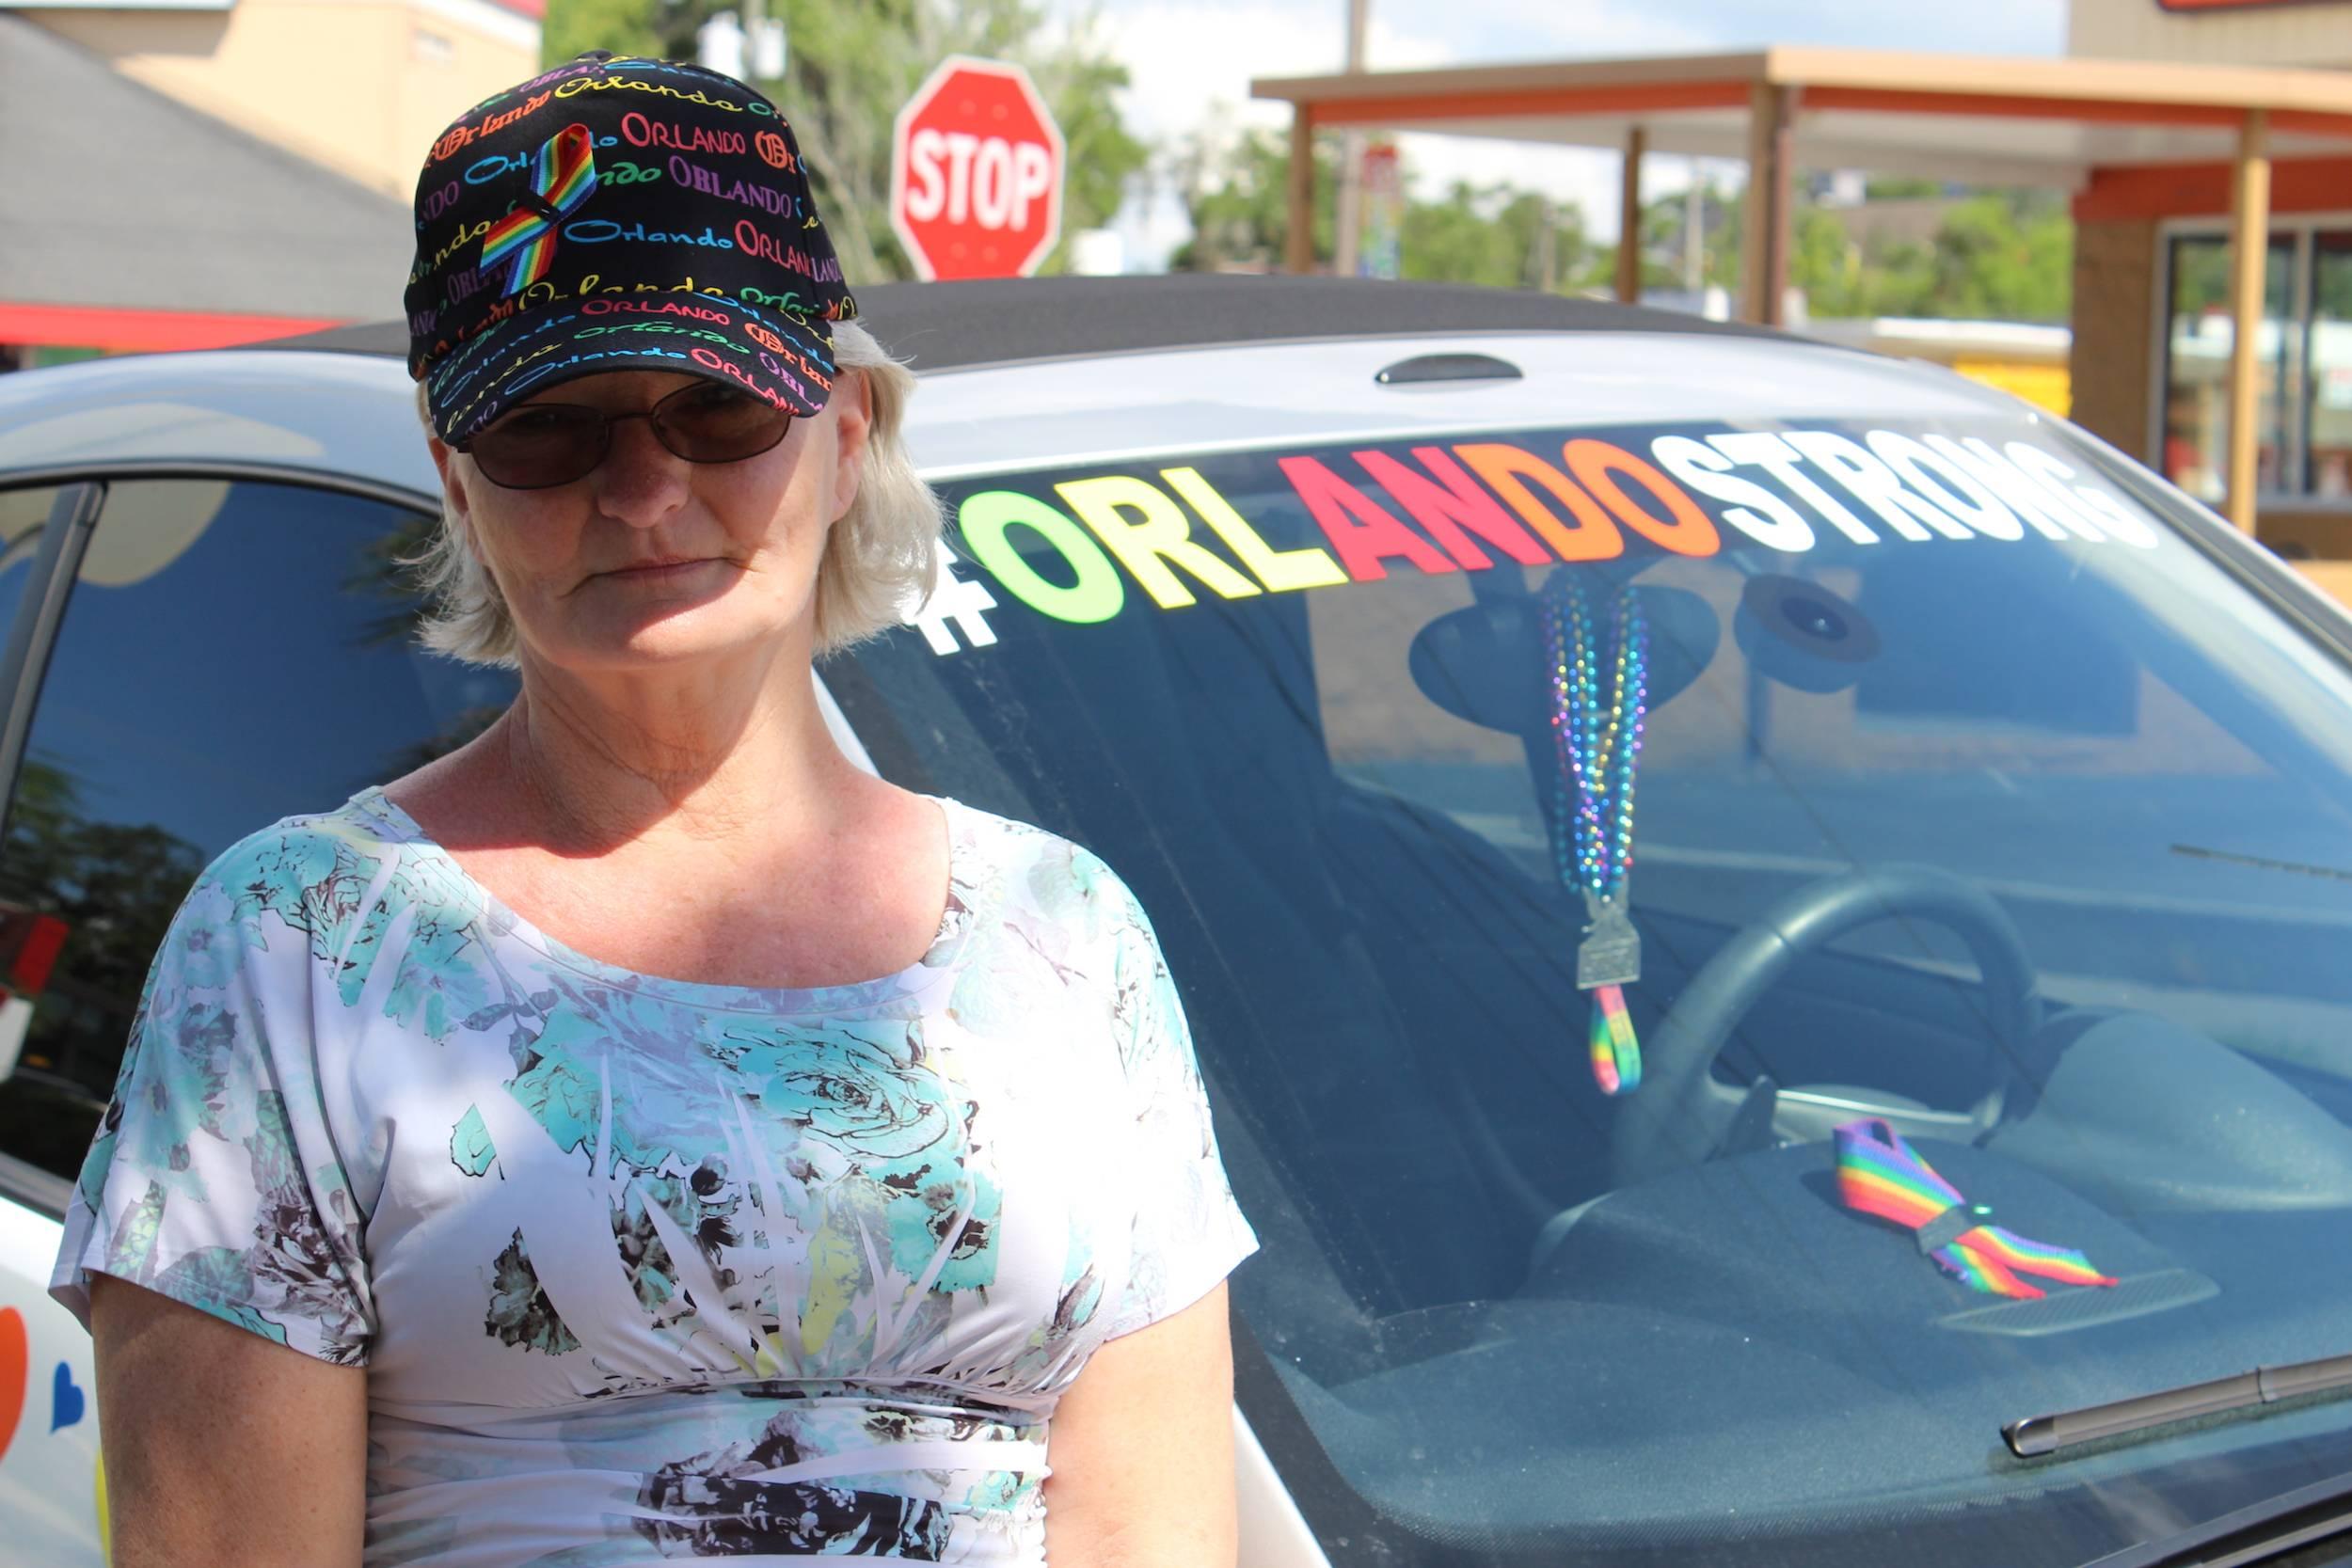 Geamine Goodnough junto al auto que preparó en honor a las víctimas del ataque en Pulse. / Foto: David Cordero Mercado